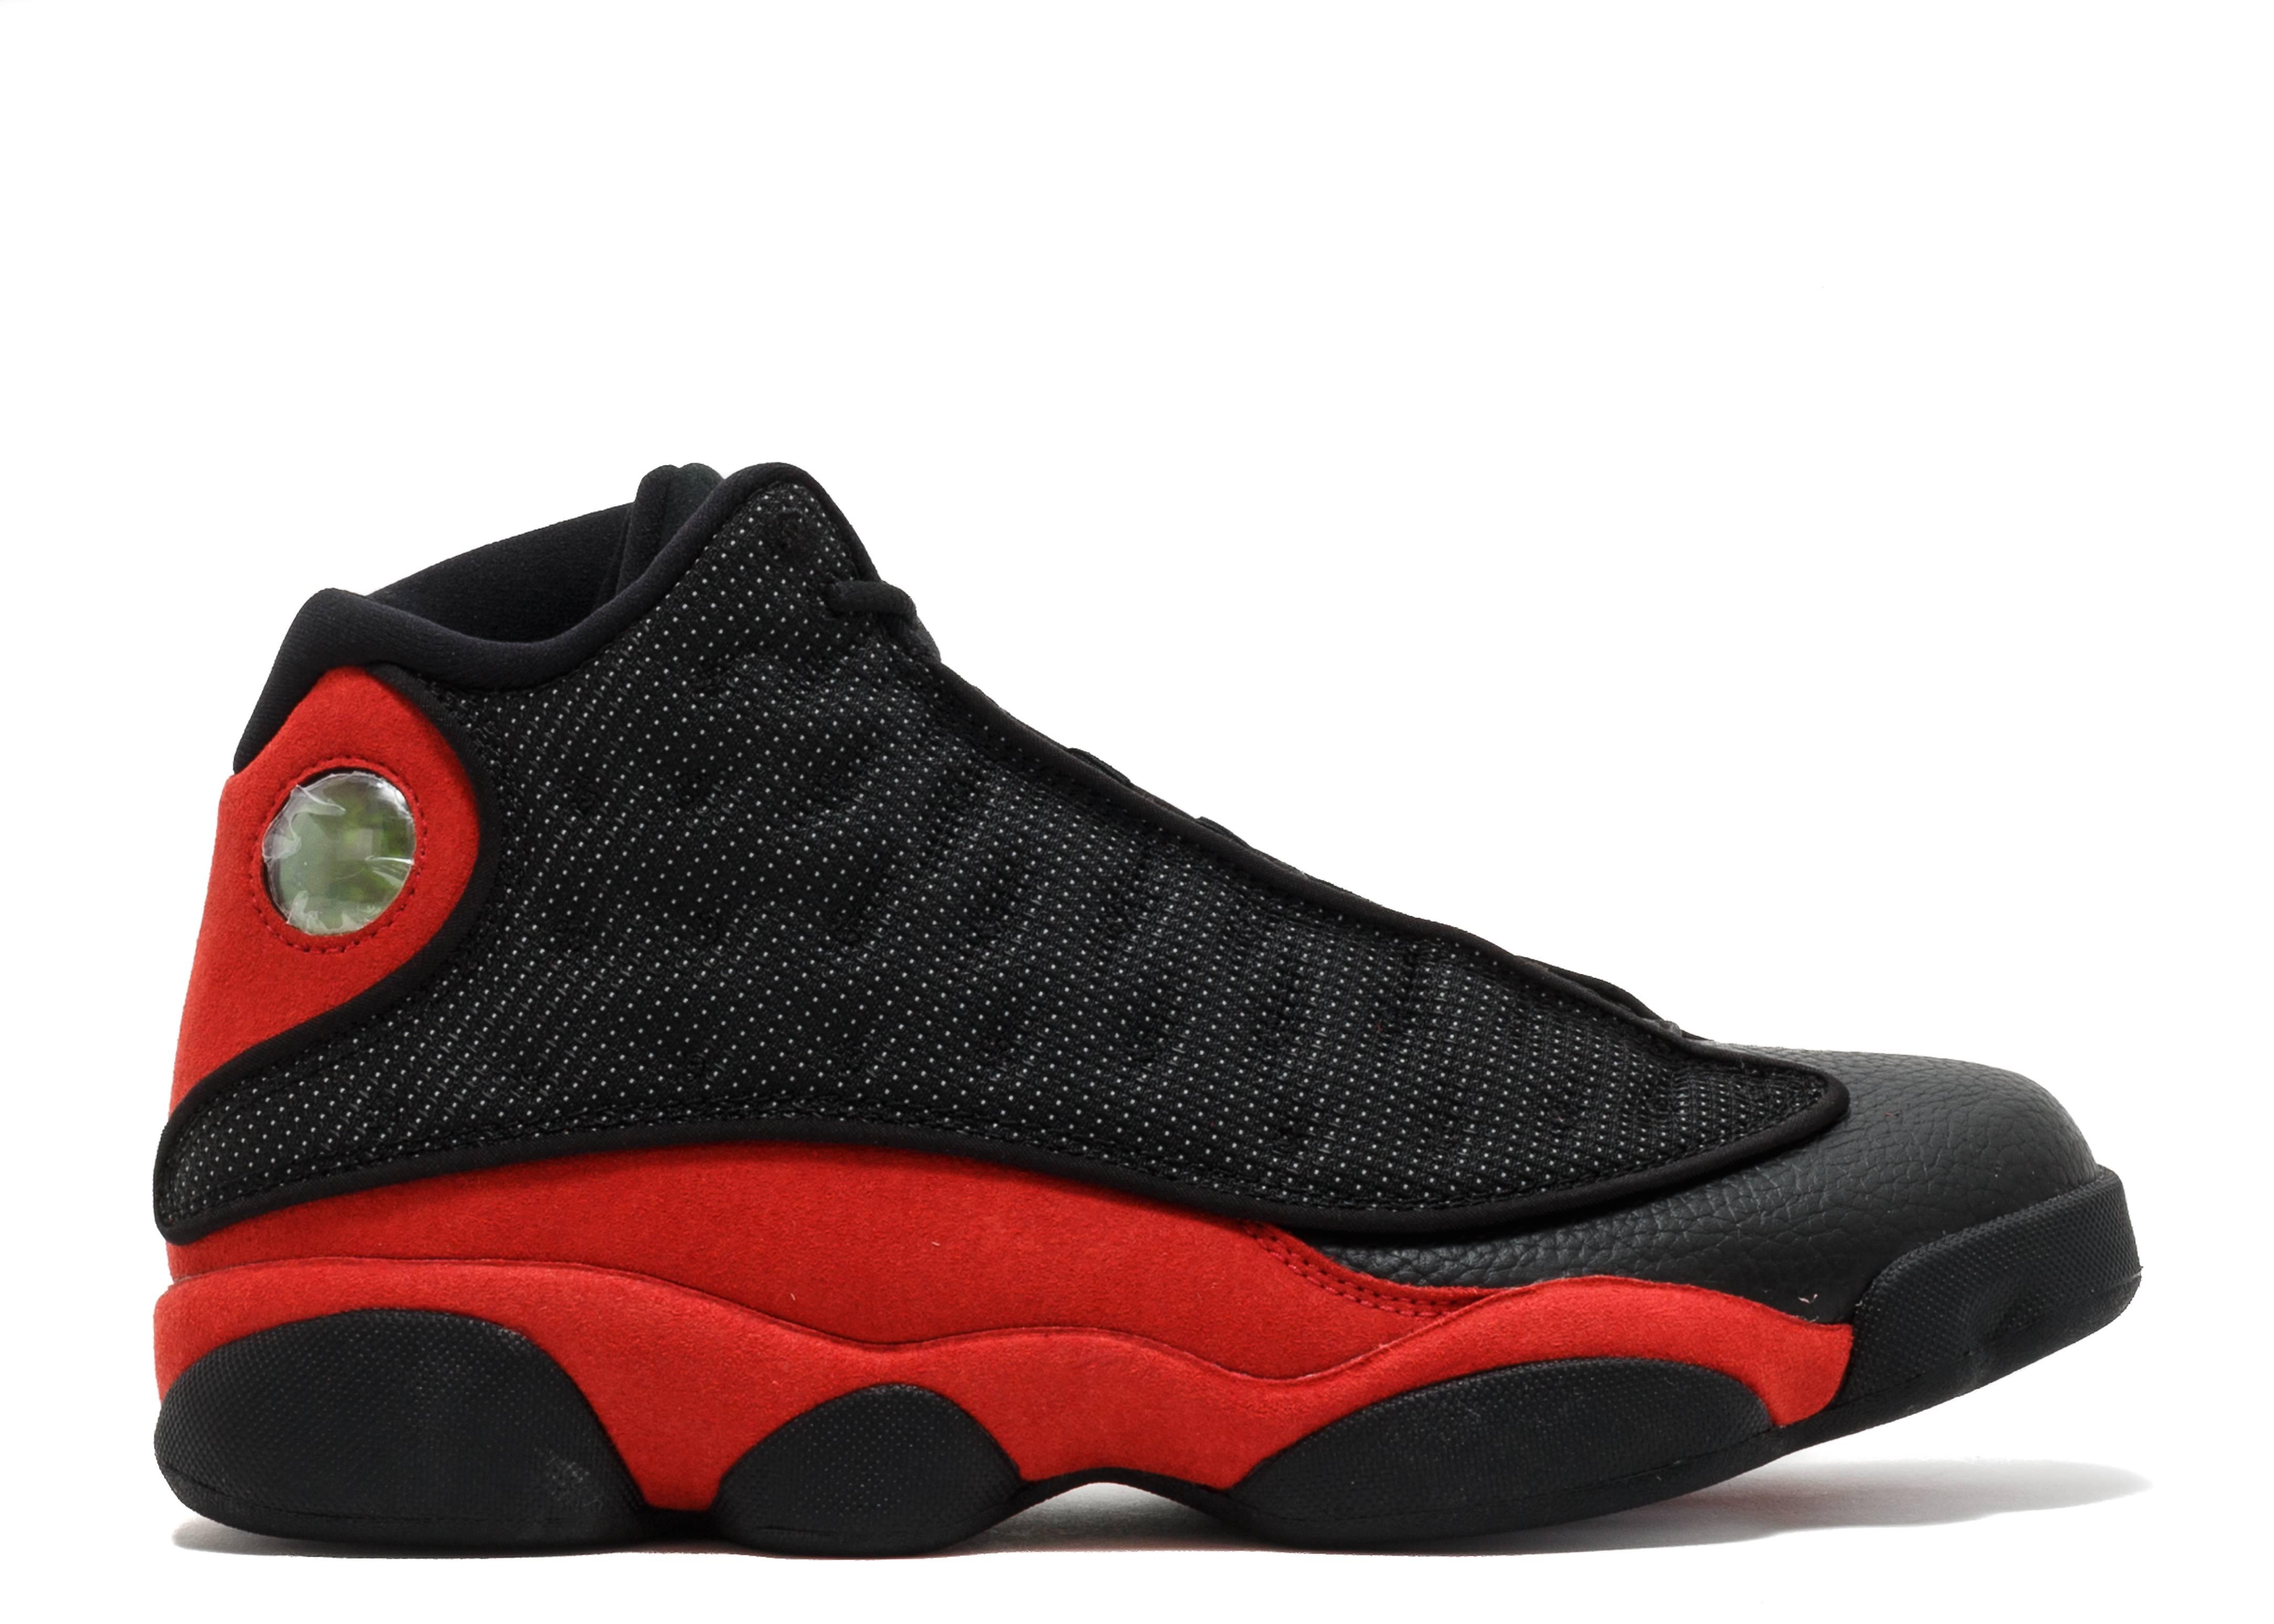 air jordan 13 sneakers